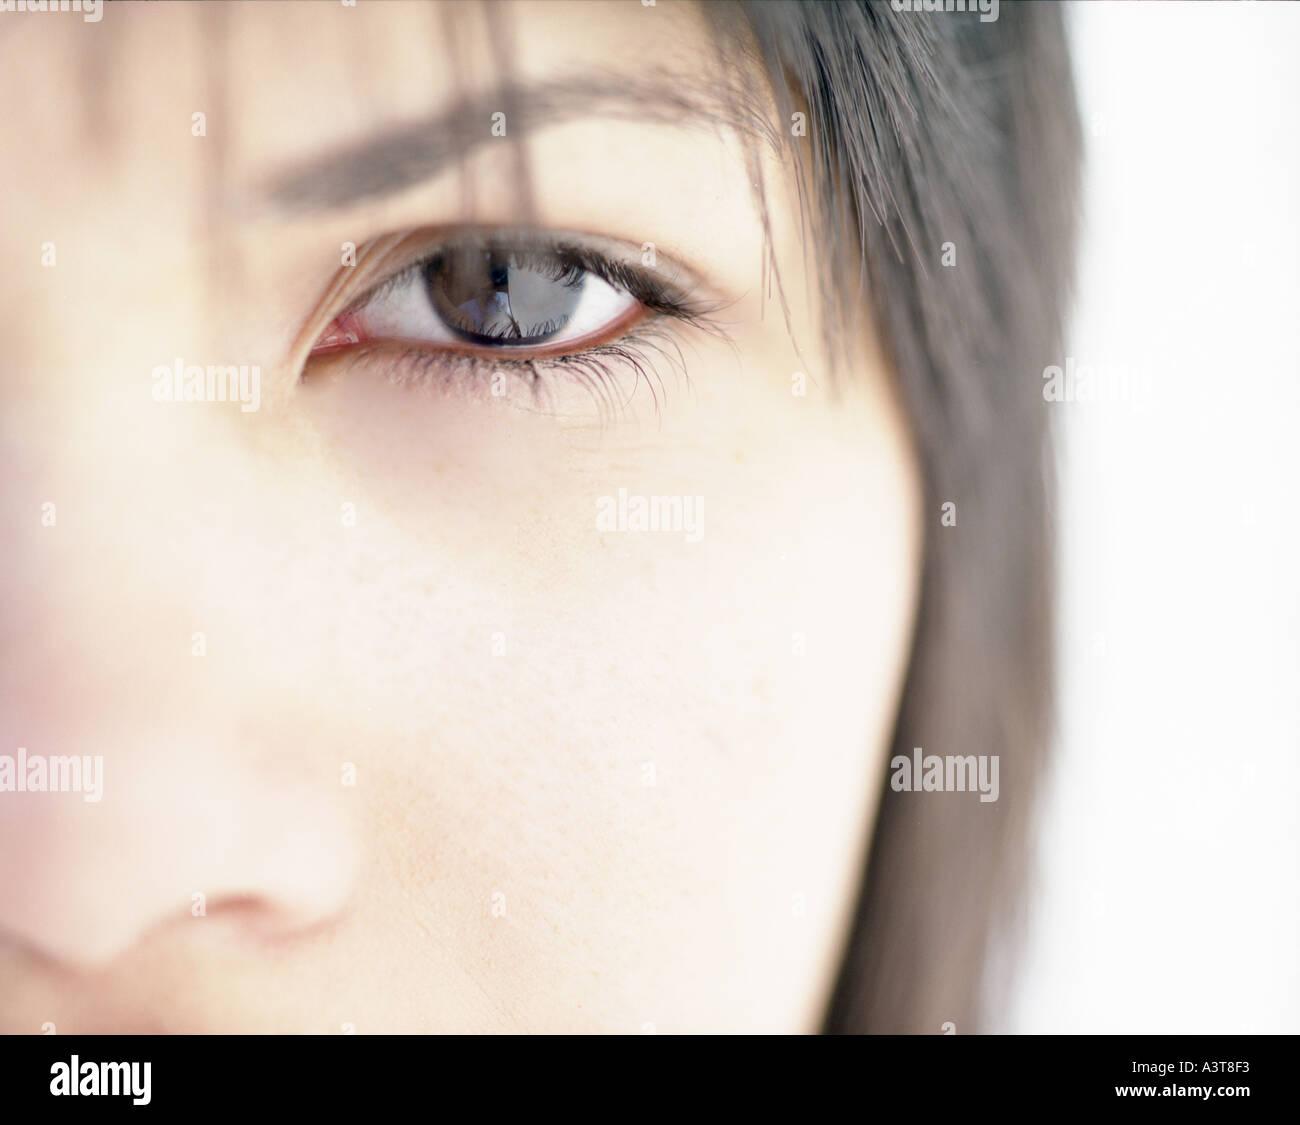 Ojo womans fotografiados frontalmente un ojo Imagen De Stock